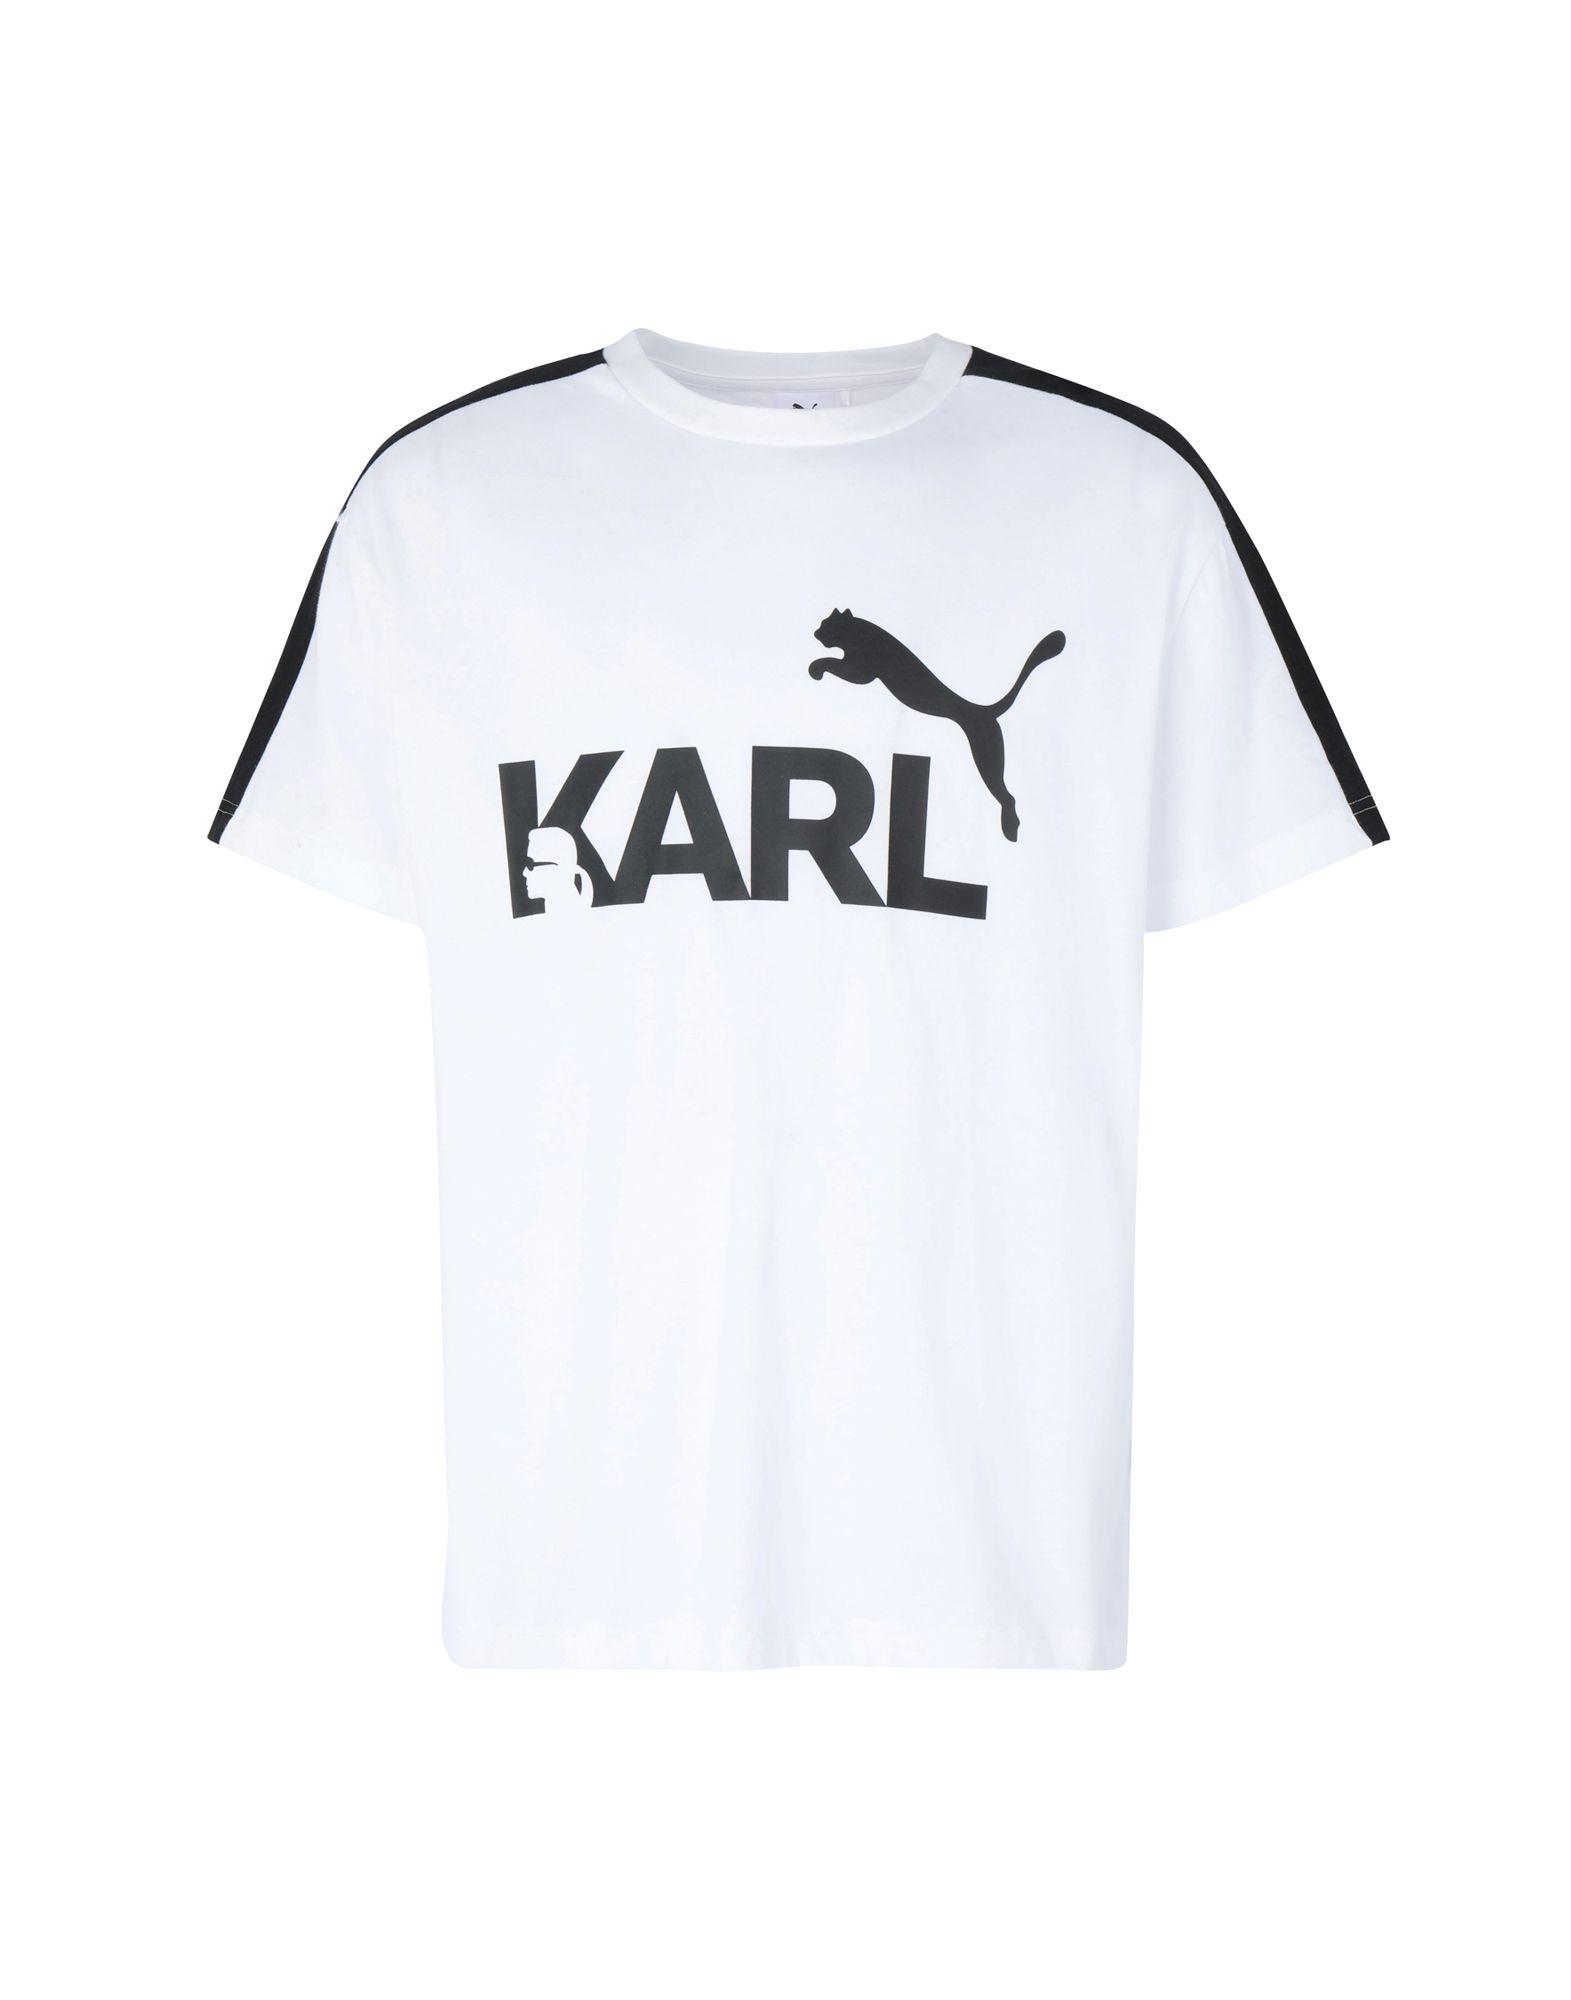 5c58658c Puma X Karl Lagerfeld Puma X Karl Lagerfeld Tee - Sport T-Shirt ...